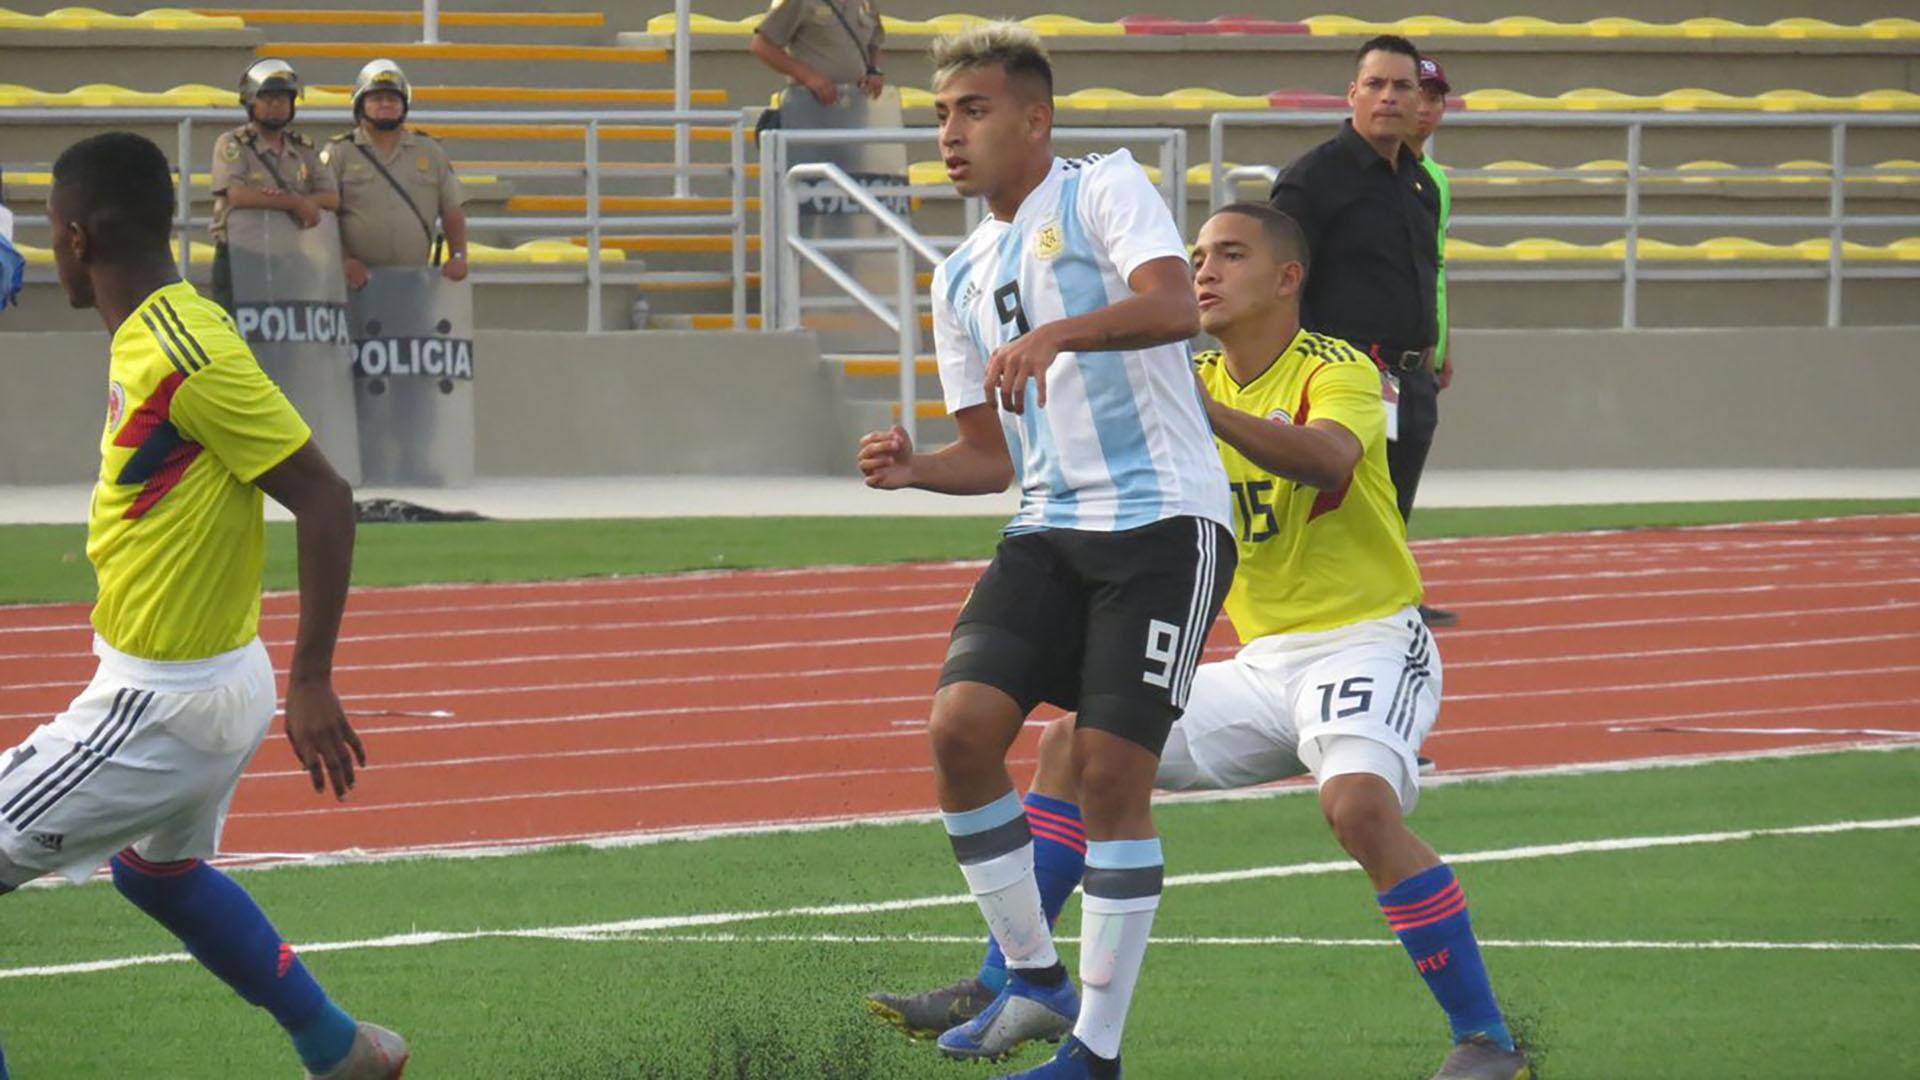 2750d5ae52415 La Selección Sub 17 cosechó su primera victoria en el Sudamericano  venció  2-1 a Colombia - Infobae